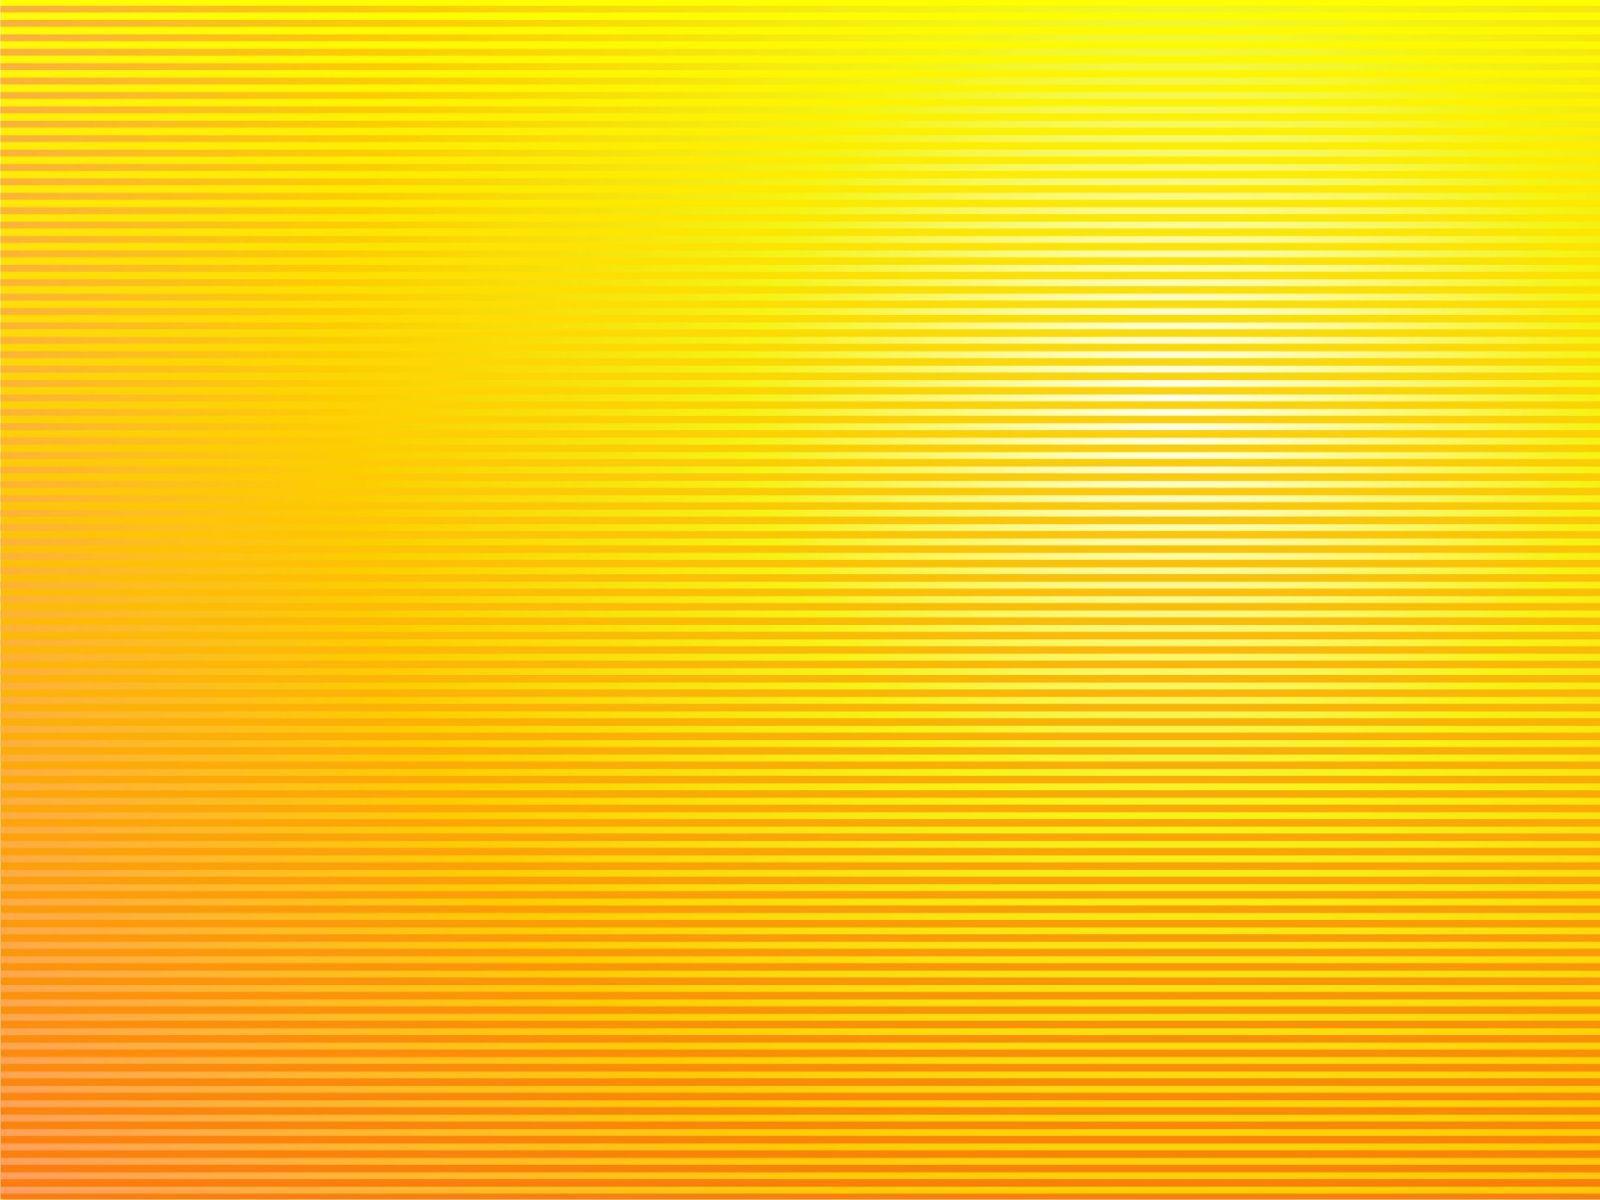 The Best Top Desktop Yellow Lines Wallpaper Hd Desktop